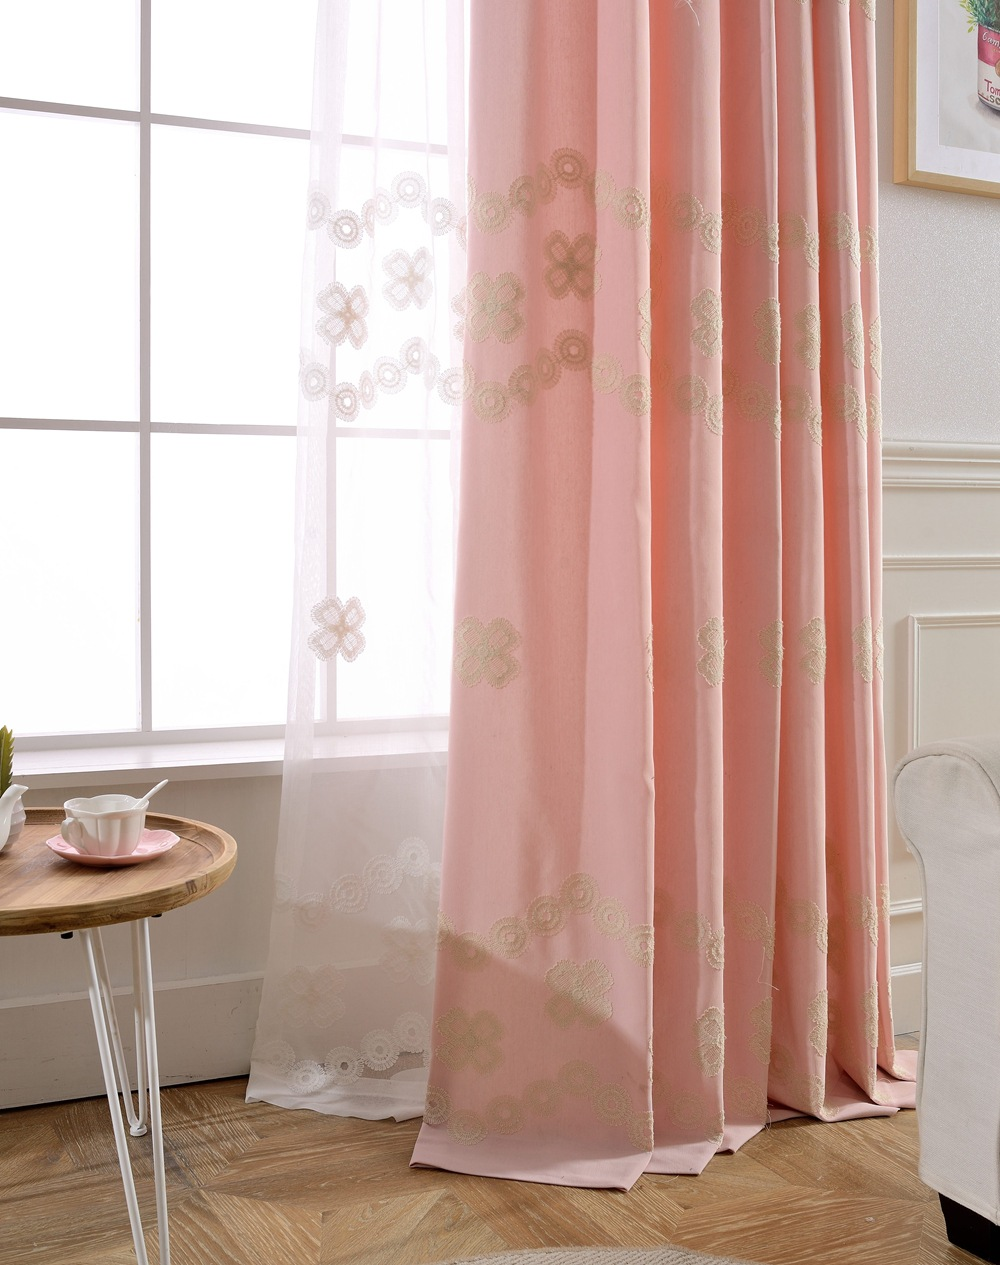 Acquista all'ingrosso Online rosa tende per camera da letto da ...